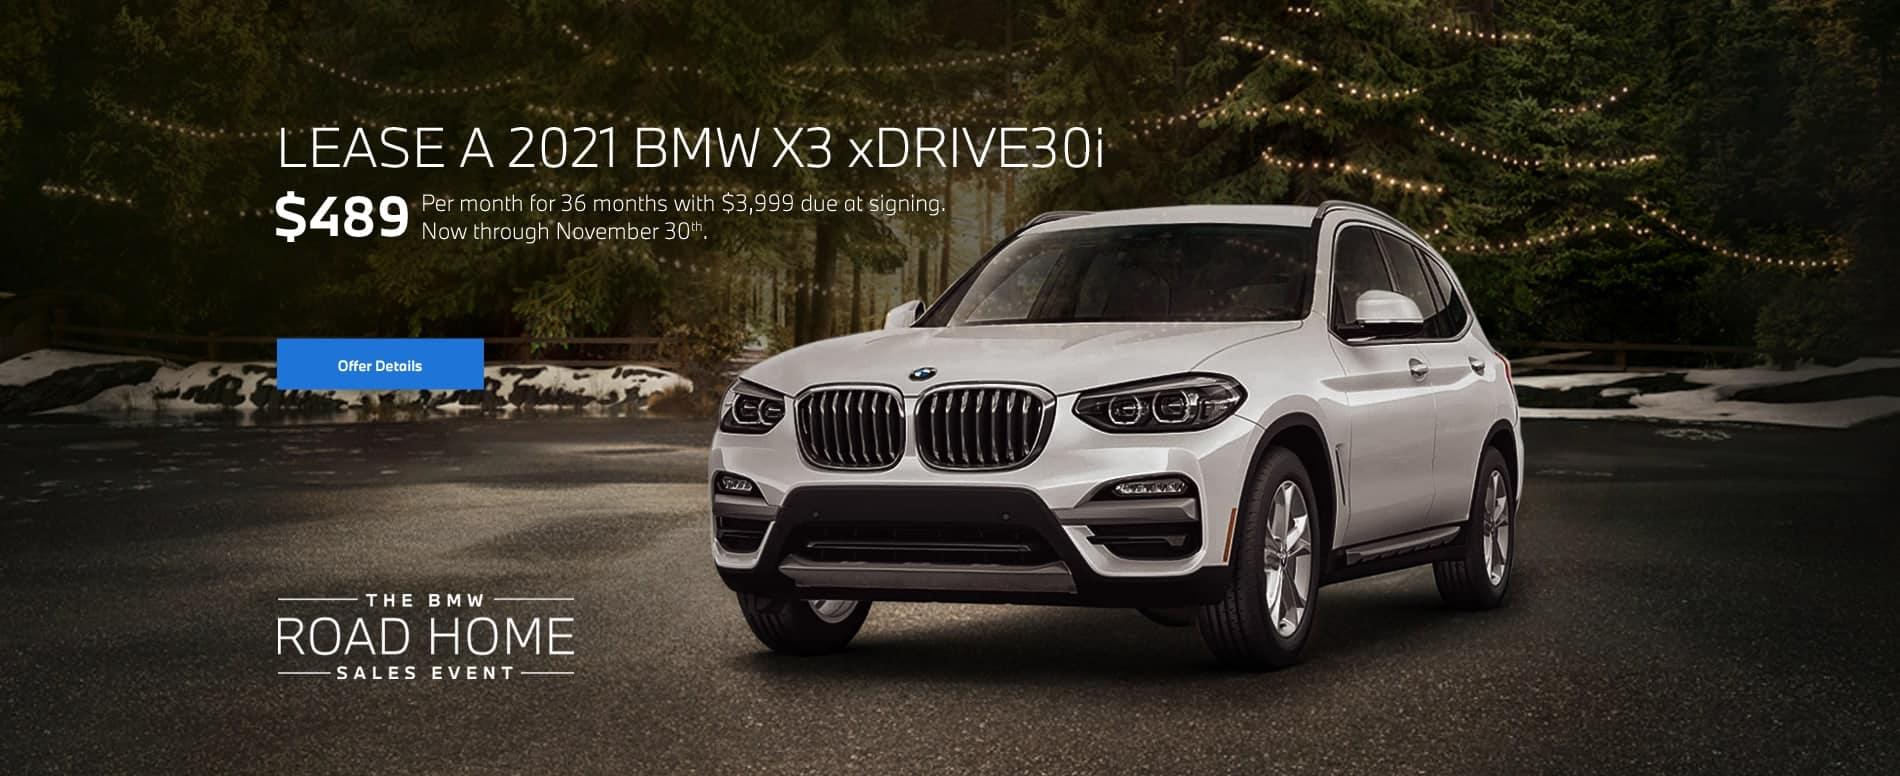 2021 BMW X5 vs. BMW X7 side by side comparison